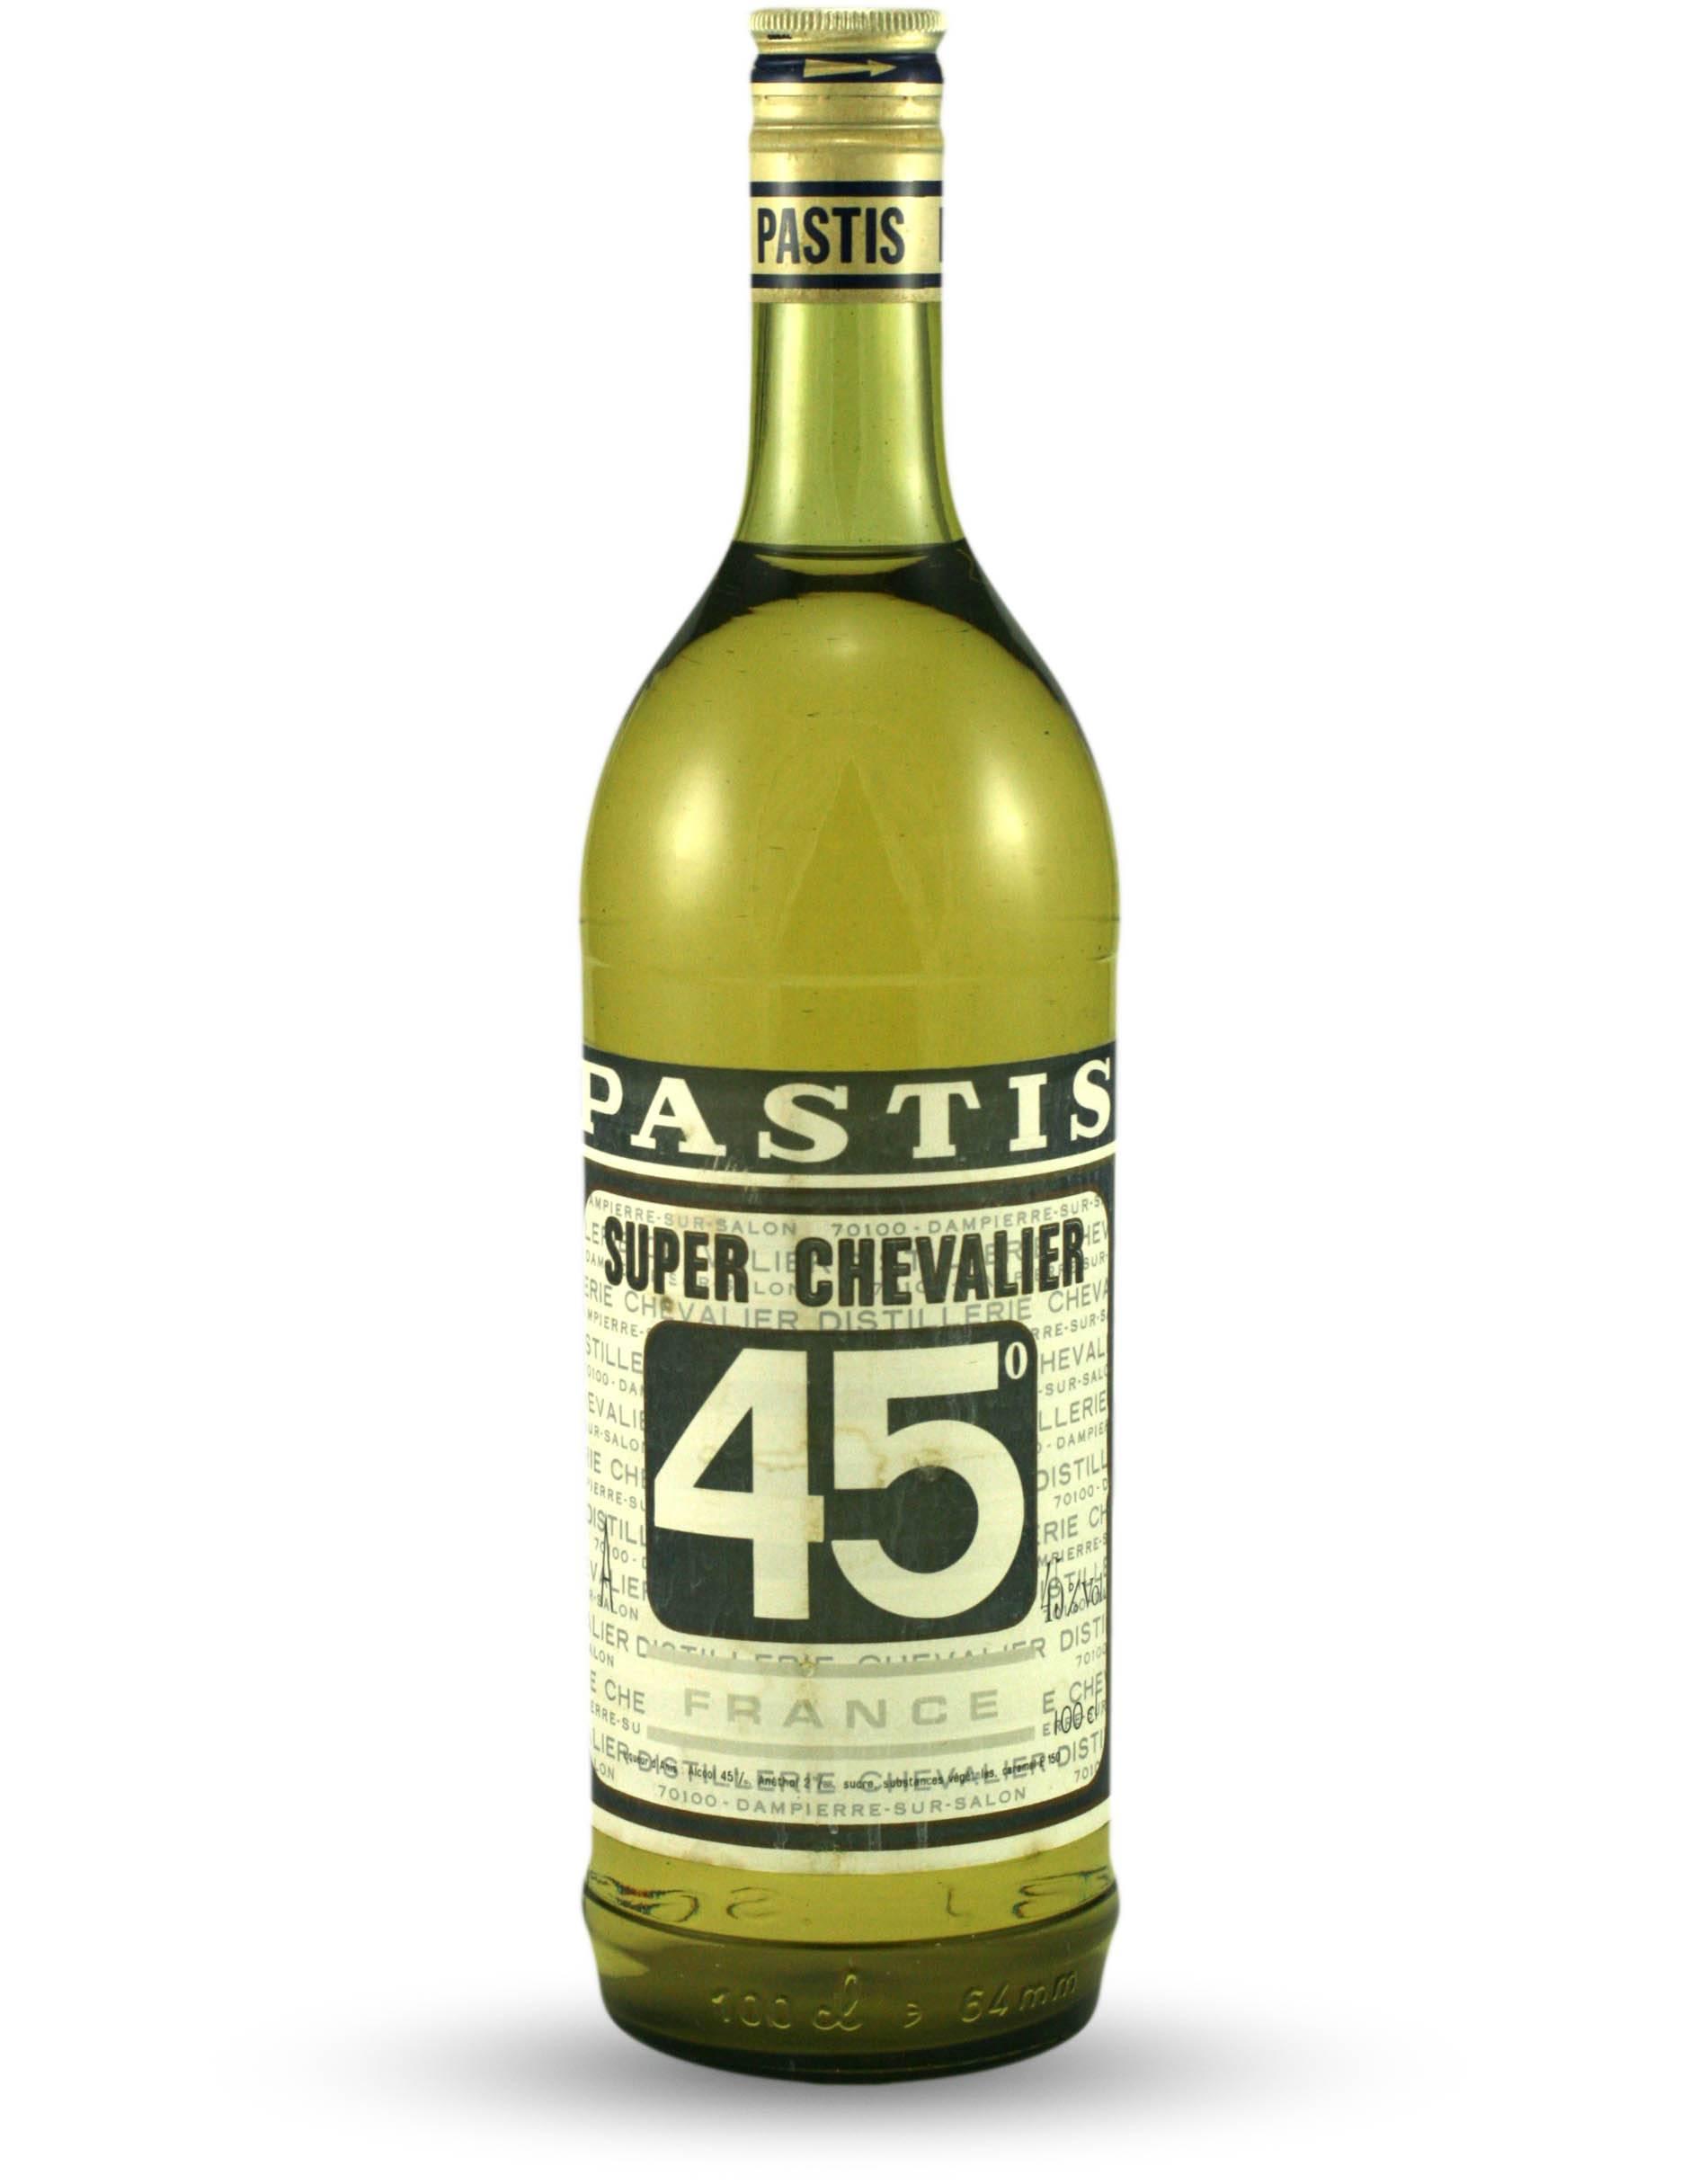 Пастис (pastis)